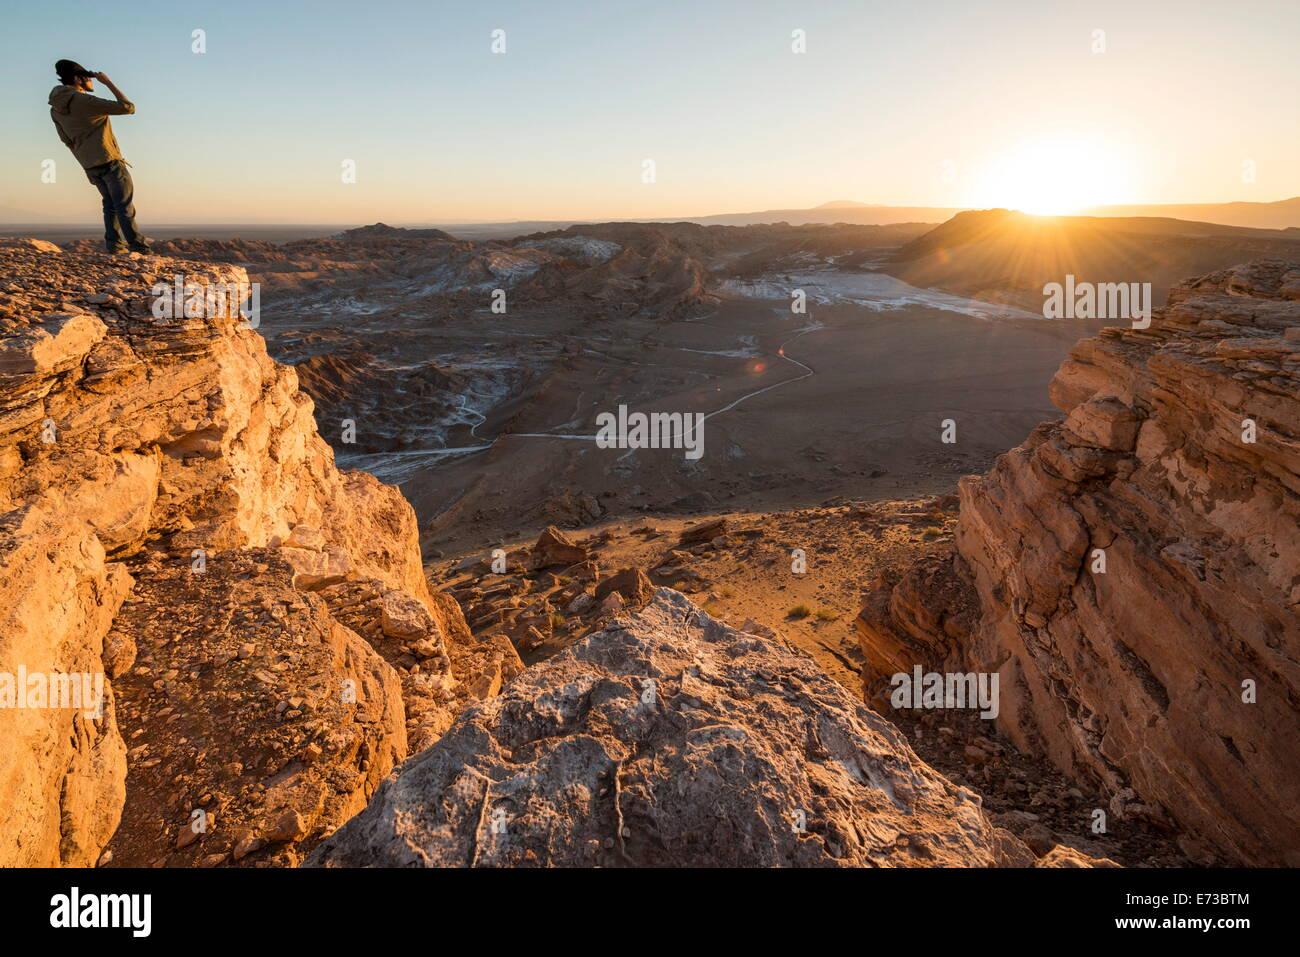 Valle de la Luna (Valle de la luna), el desierto de Atacama, el Norte Grande de Chile, Sudamérica Imagen De Stock